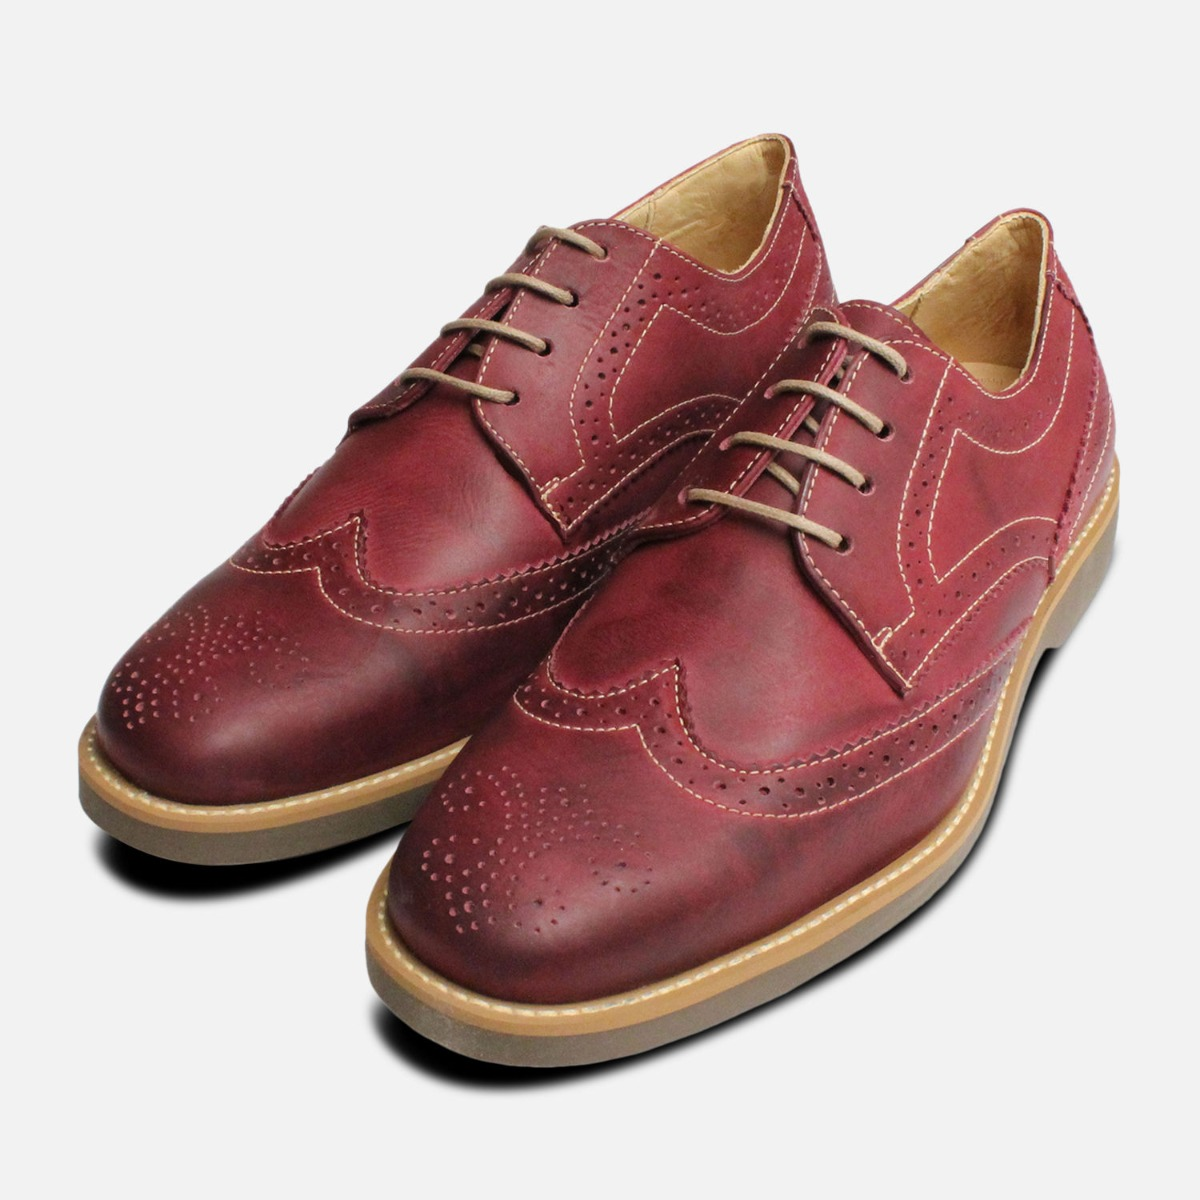 Detalles de Burdeos Hombre Zapatos Oxford Guinda Anatomic Zapatos